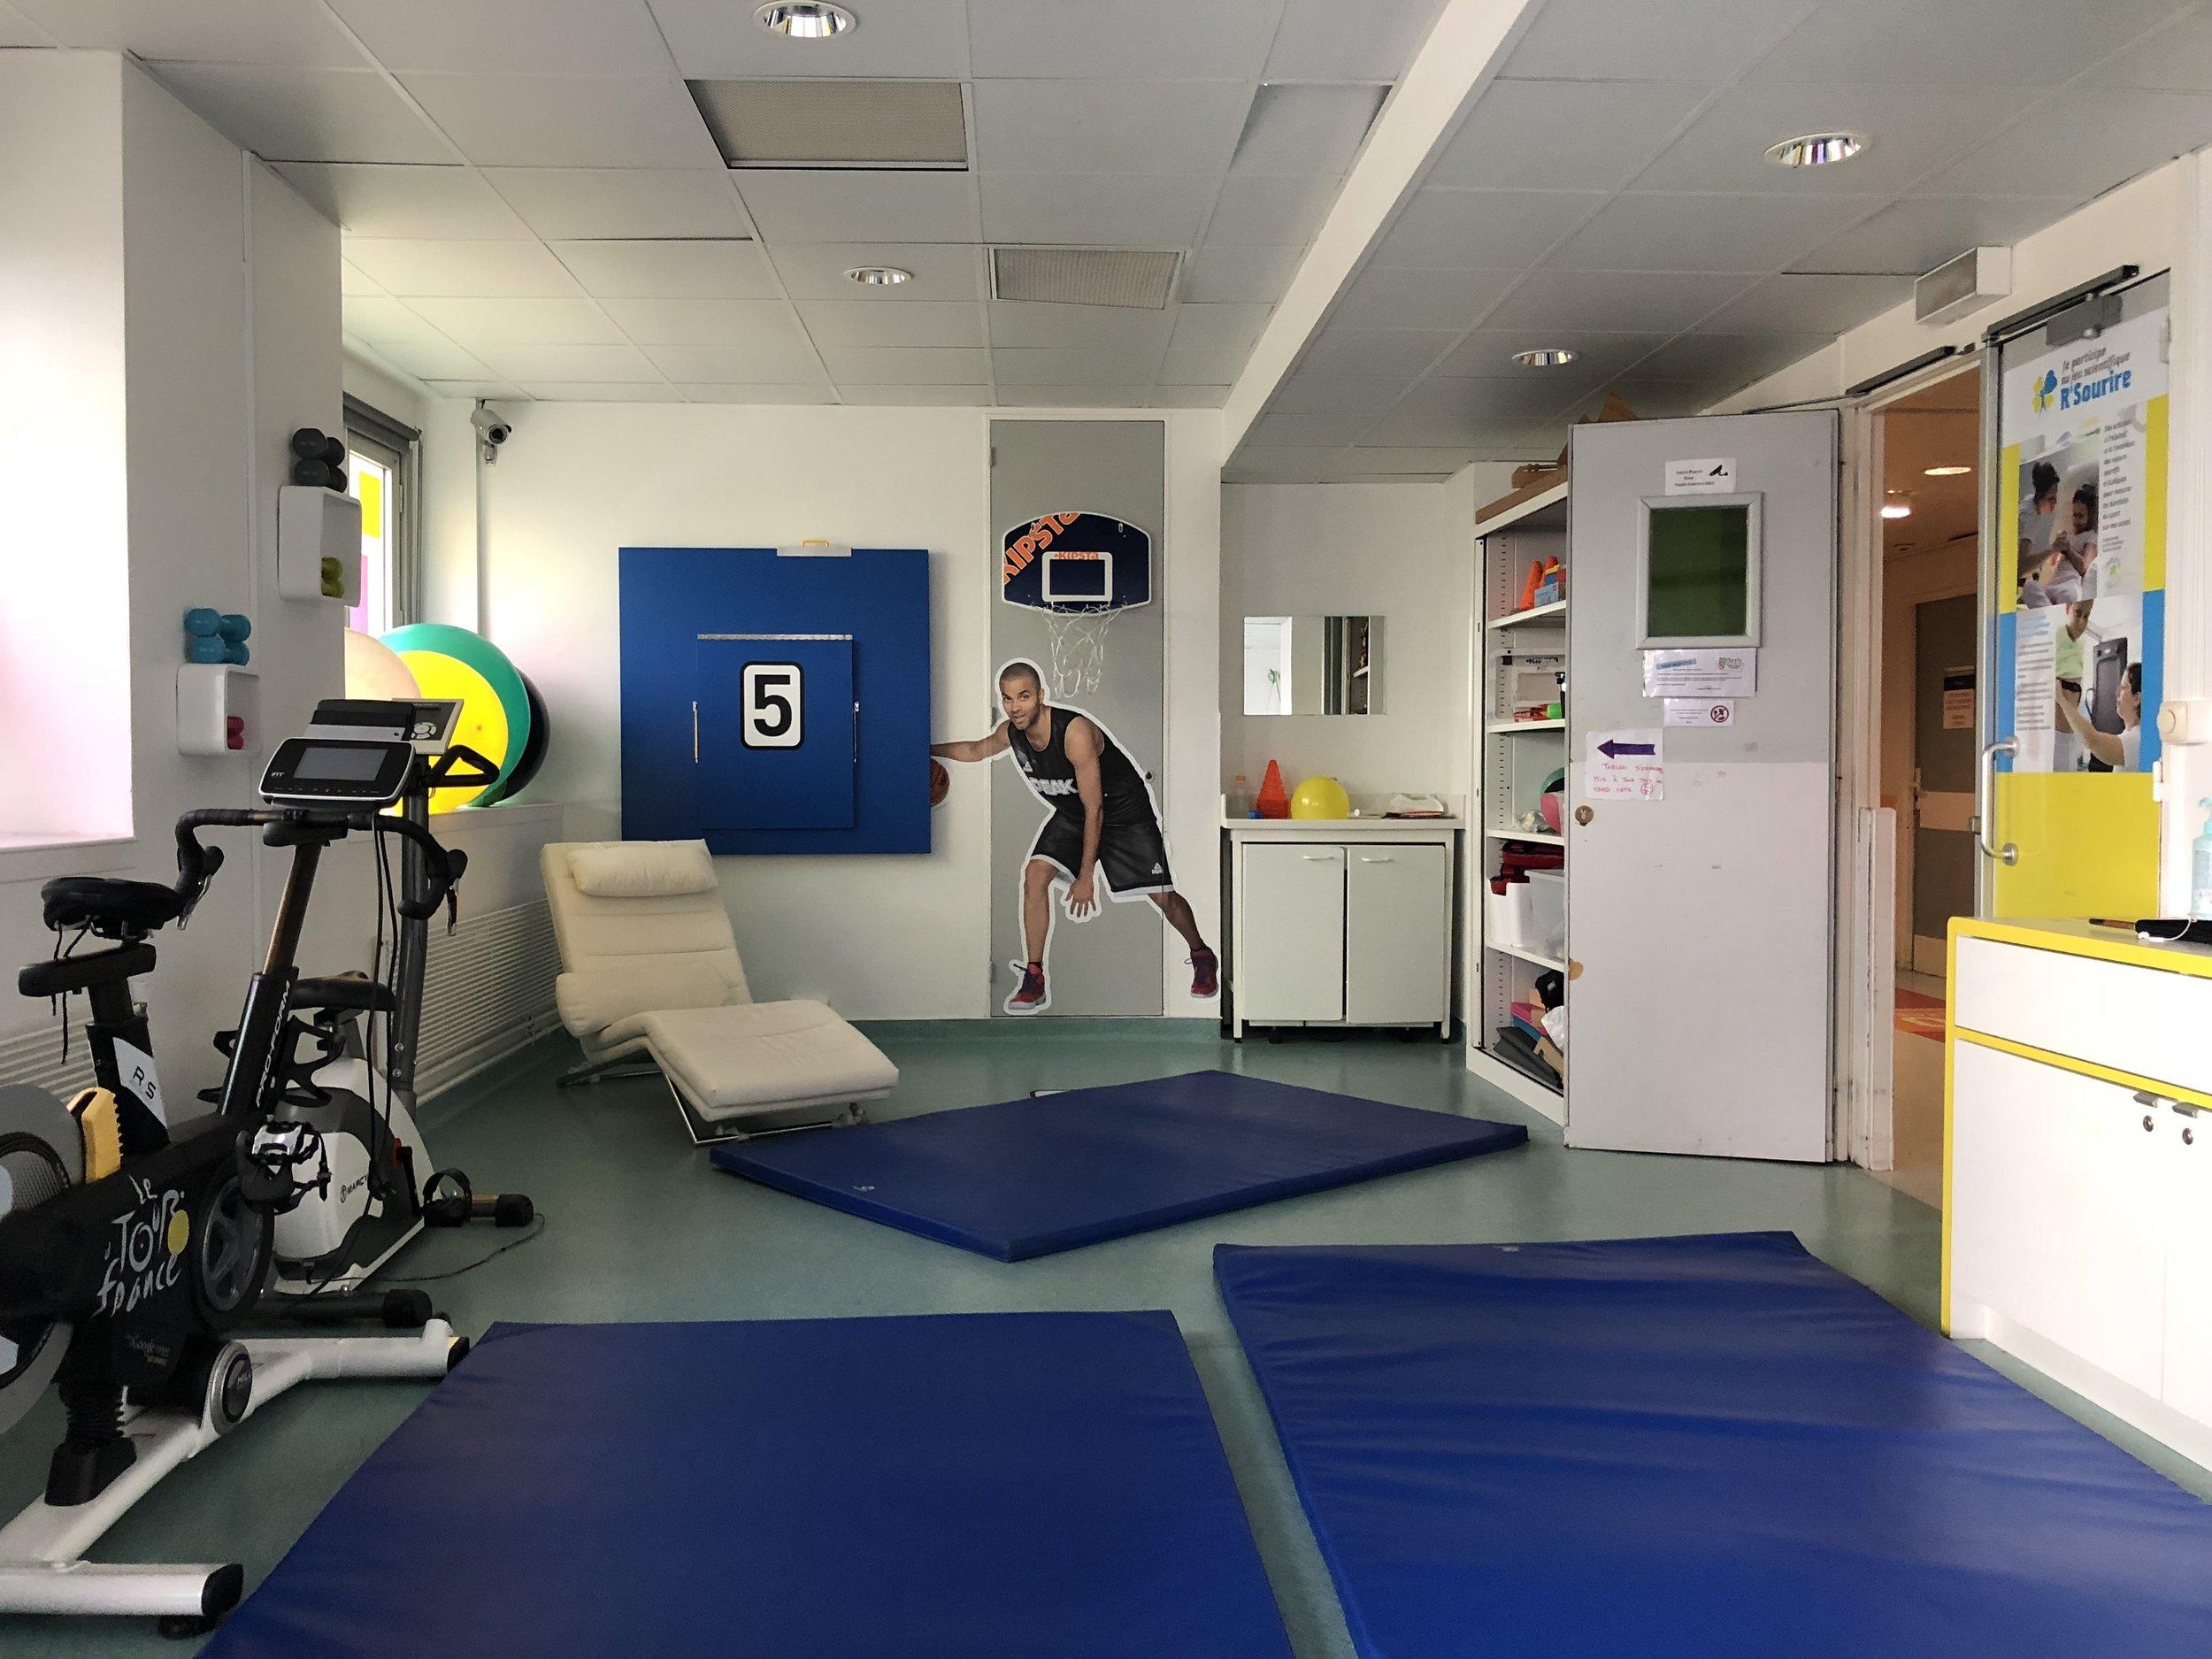 La salle de sport de Sourire a La Vie au sein de l'unité d'oncologie pédiatrique de l'hôpital La Timone à Marseille. C'est l'unique salle de sport en milieu hospitalier en France.